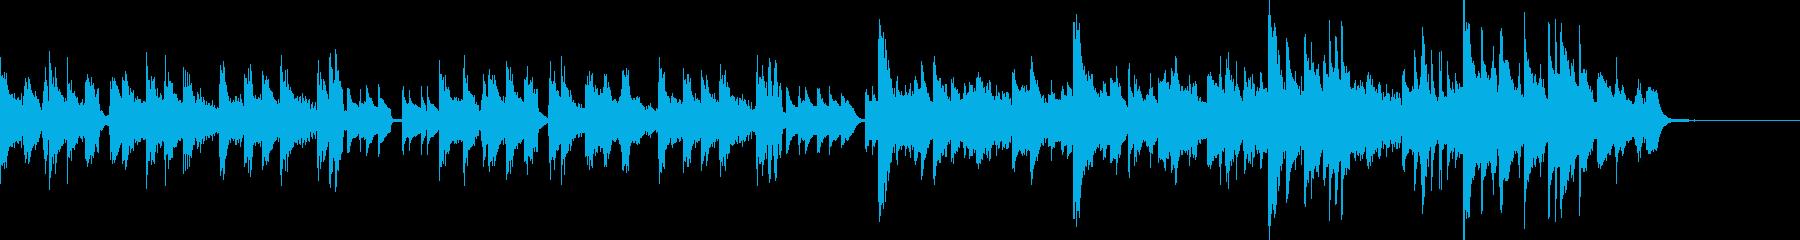 古いピアノが奏でるジングルの再生済みの波形